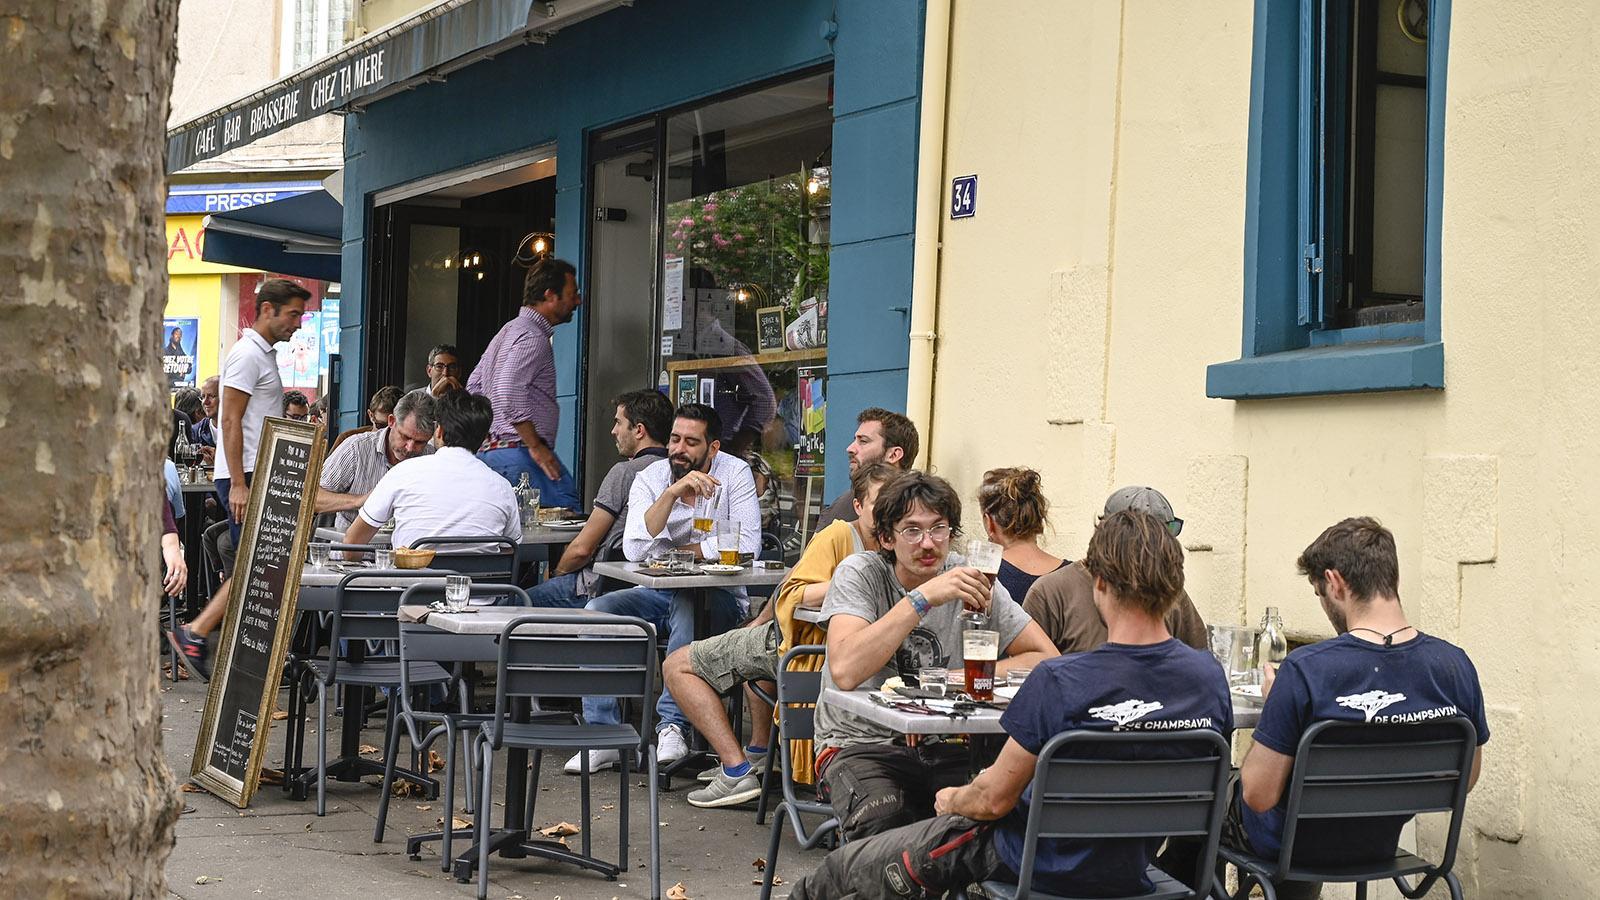 Chantenay: Chez ta mère: Hier triffft sich mittags und abends das quartier. Foto: Hilke Maunder